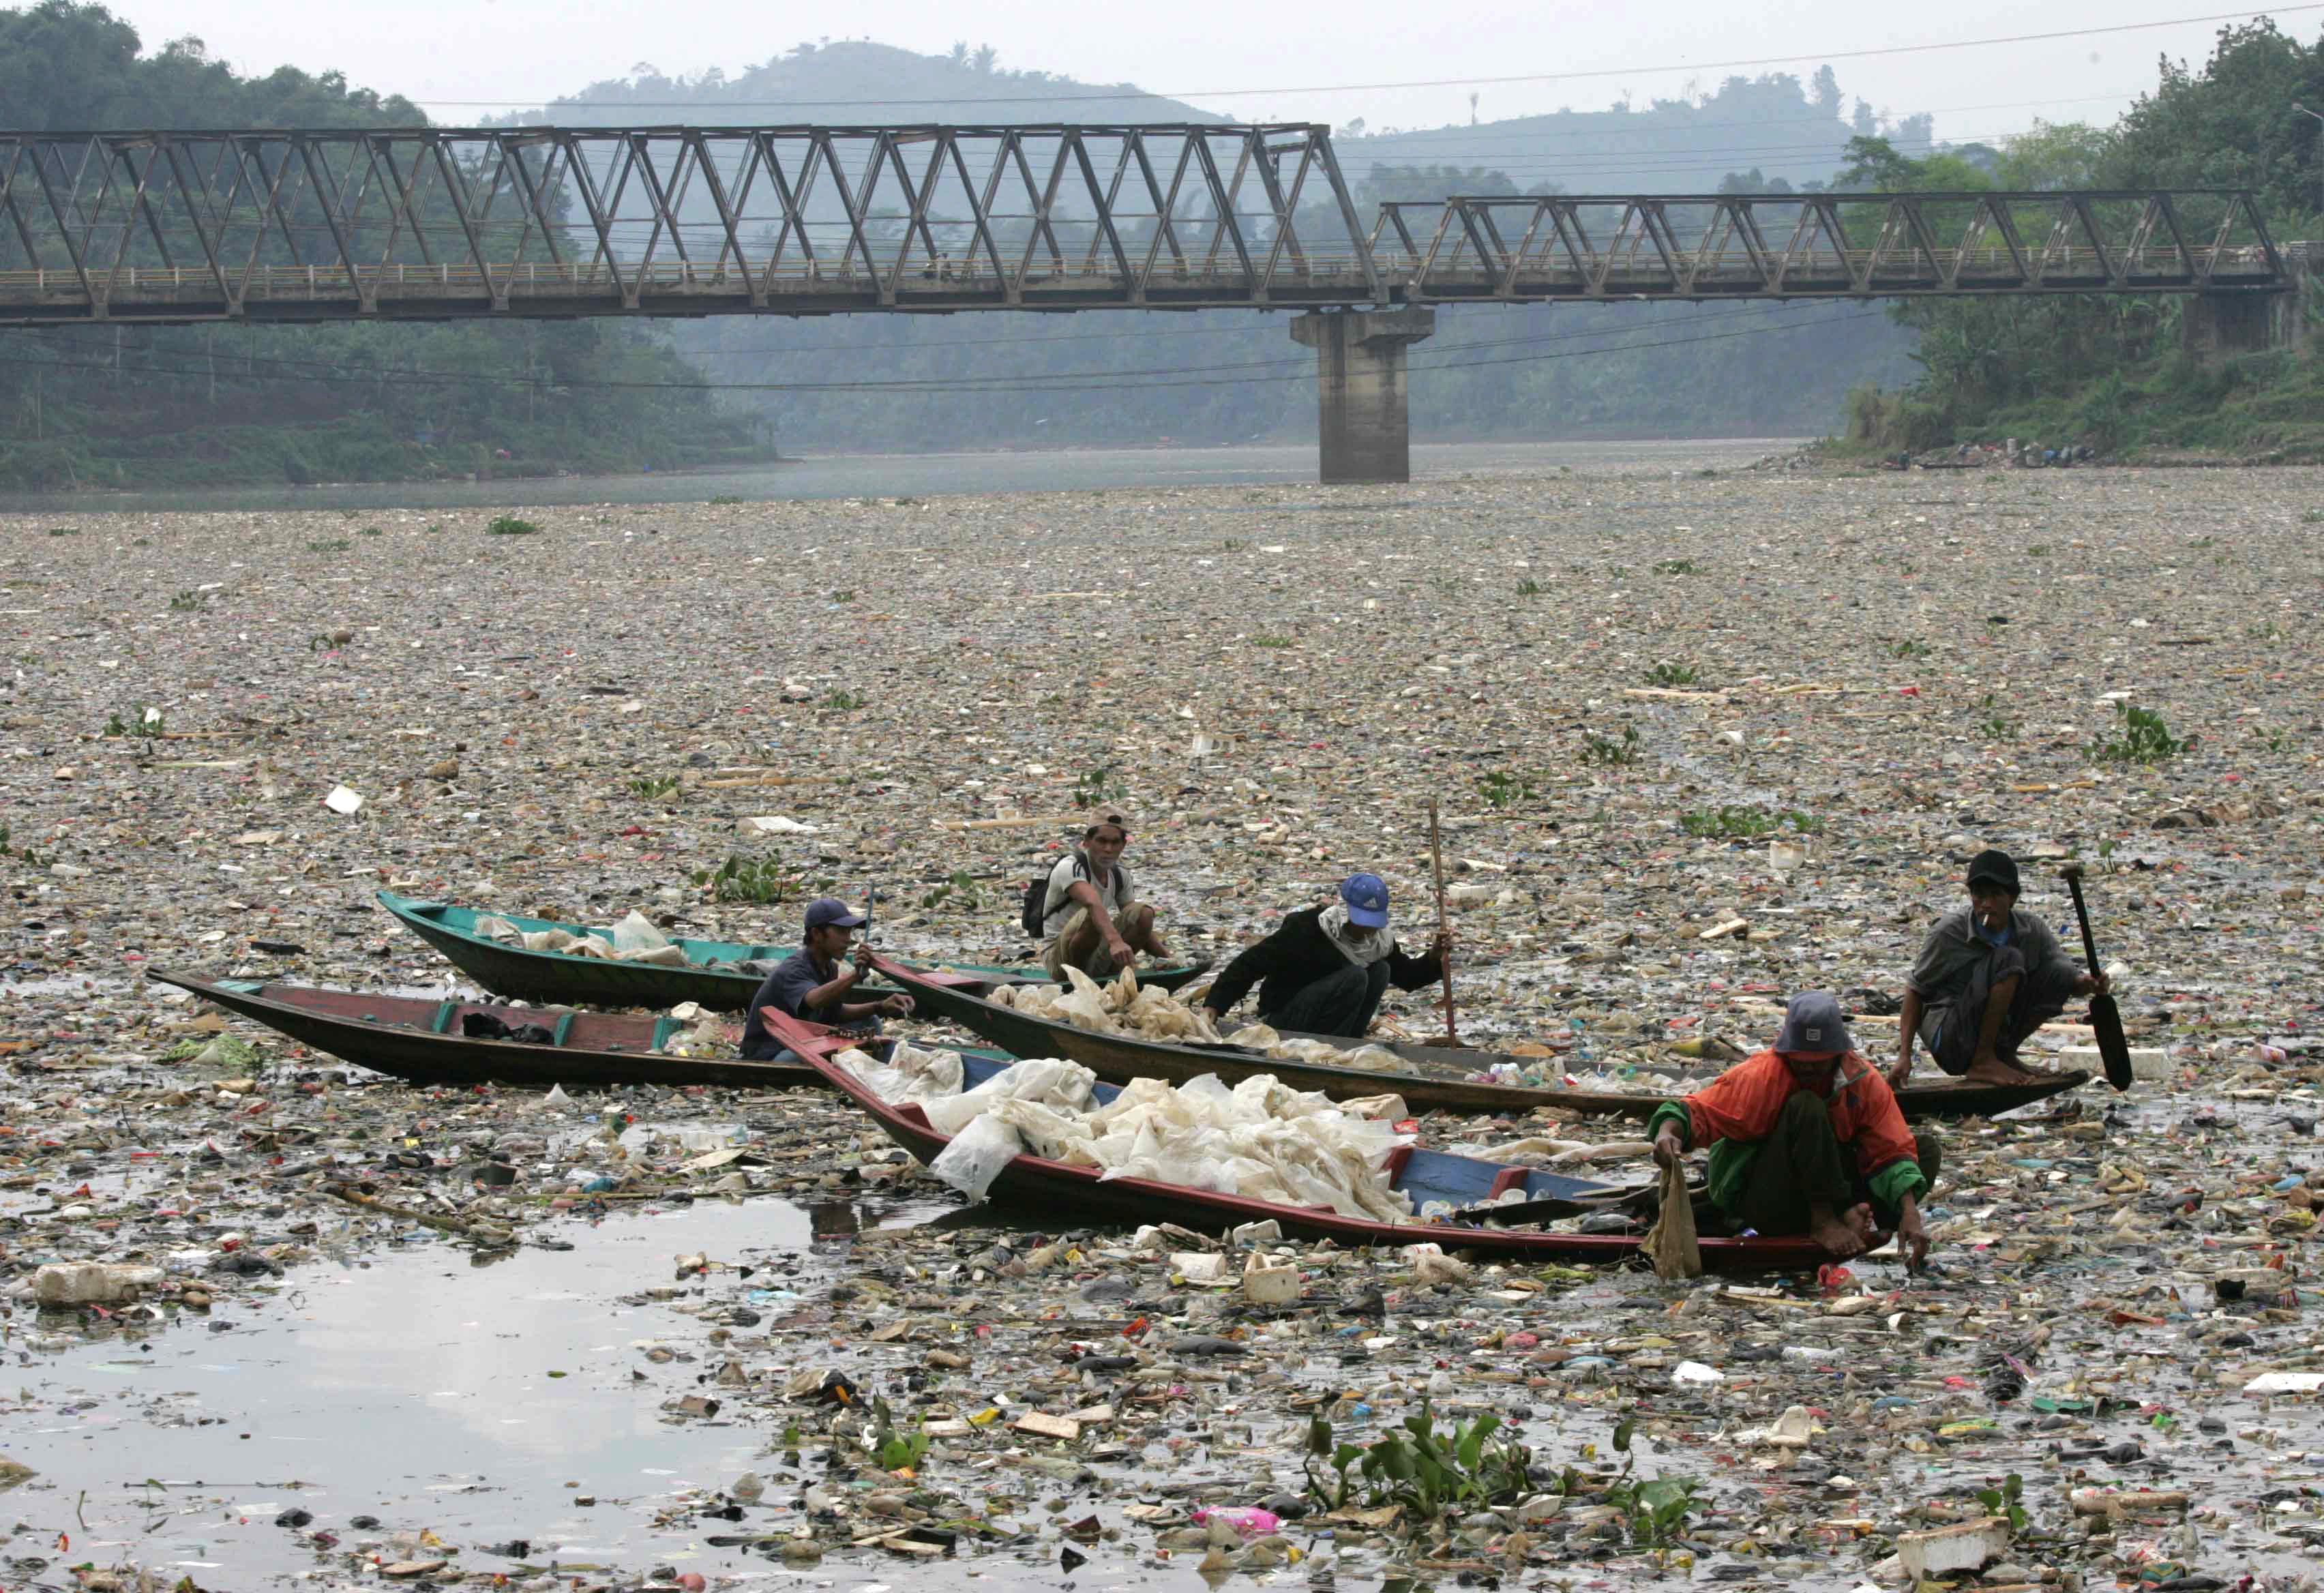 Endonezya'daki Çitarum Nehri plastik atıklarla dolu